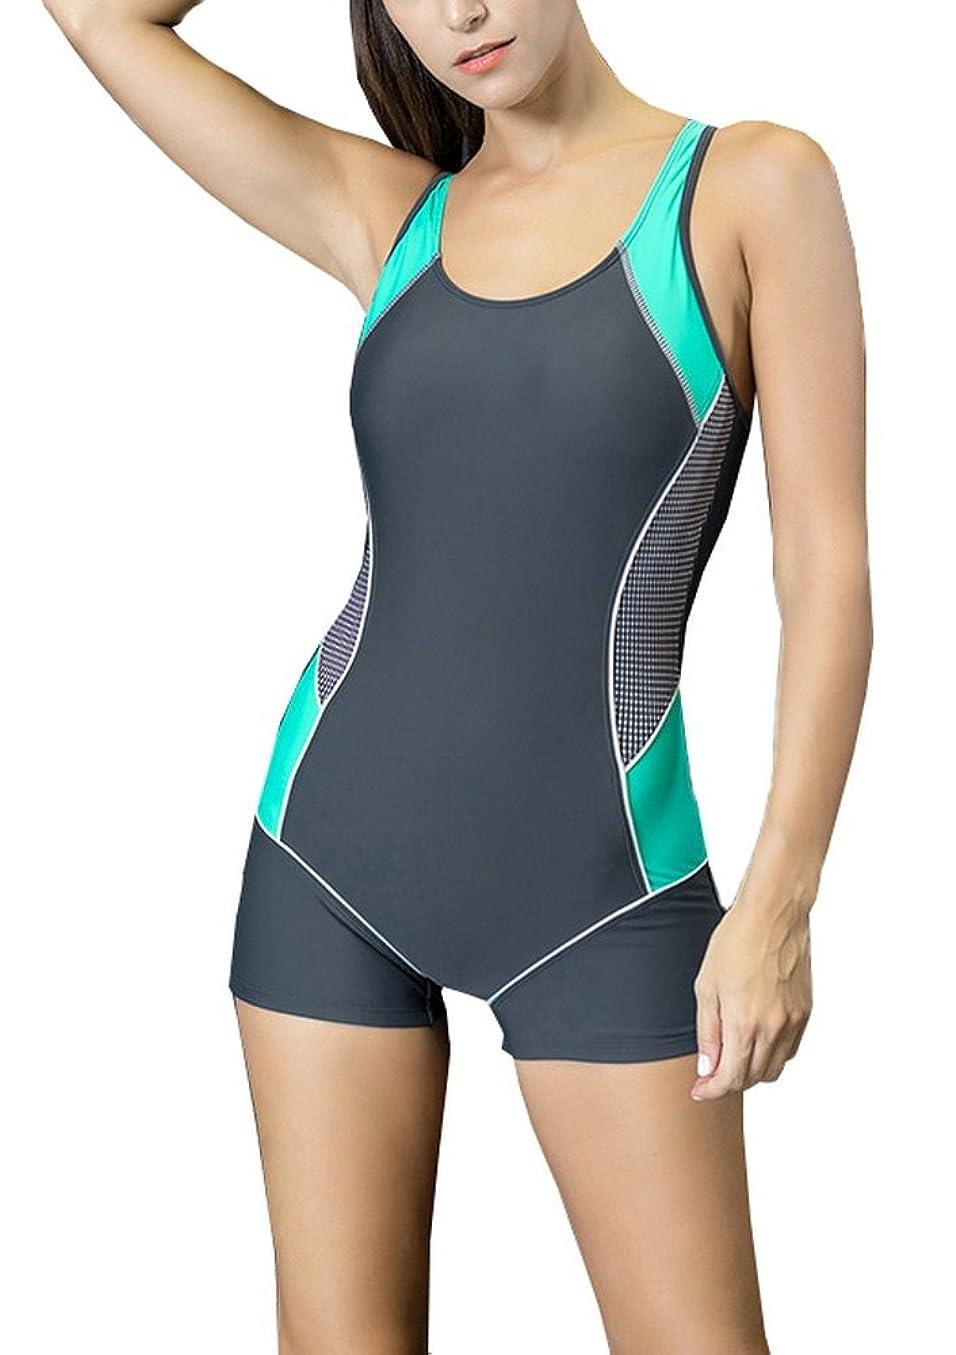 オートマトン名前を作るカウントアップVocni(ワクニー)レディース 競泳水着 フィットネス水着 ワンピース 大きいサイズ 女性 レディース競泳用水着 練習用 スイムウェア 水泳 体型カバー スポーツ水着 オールインワン